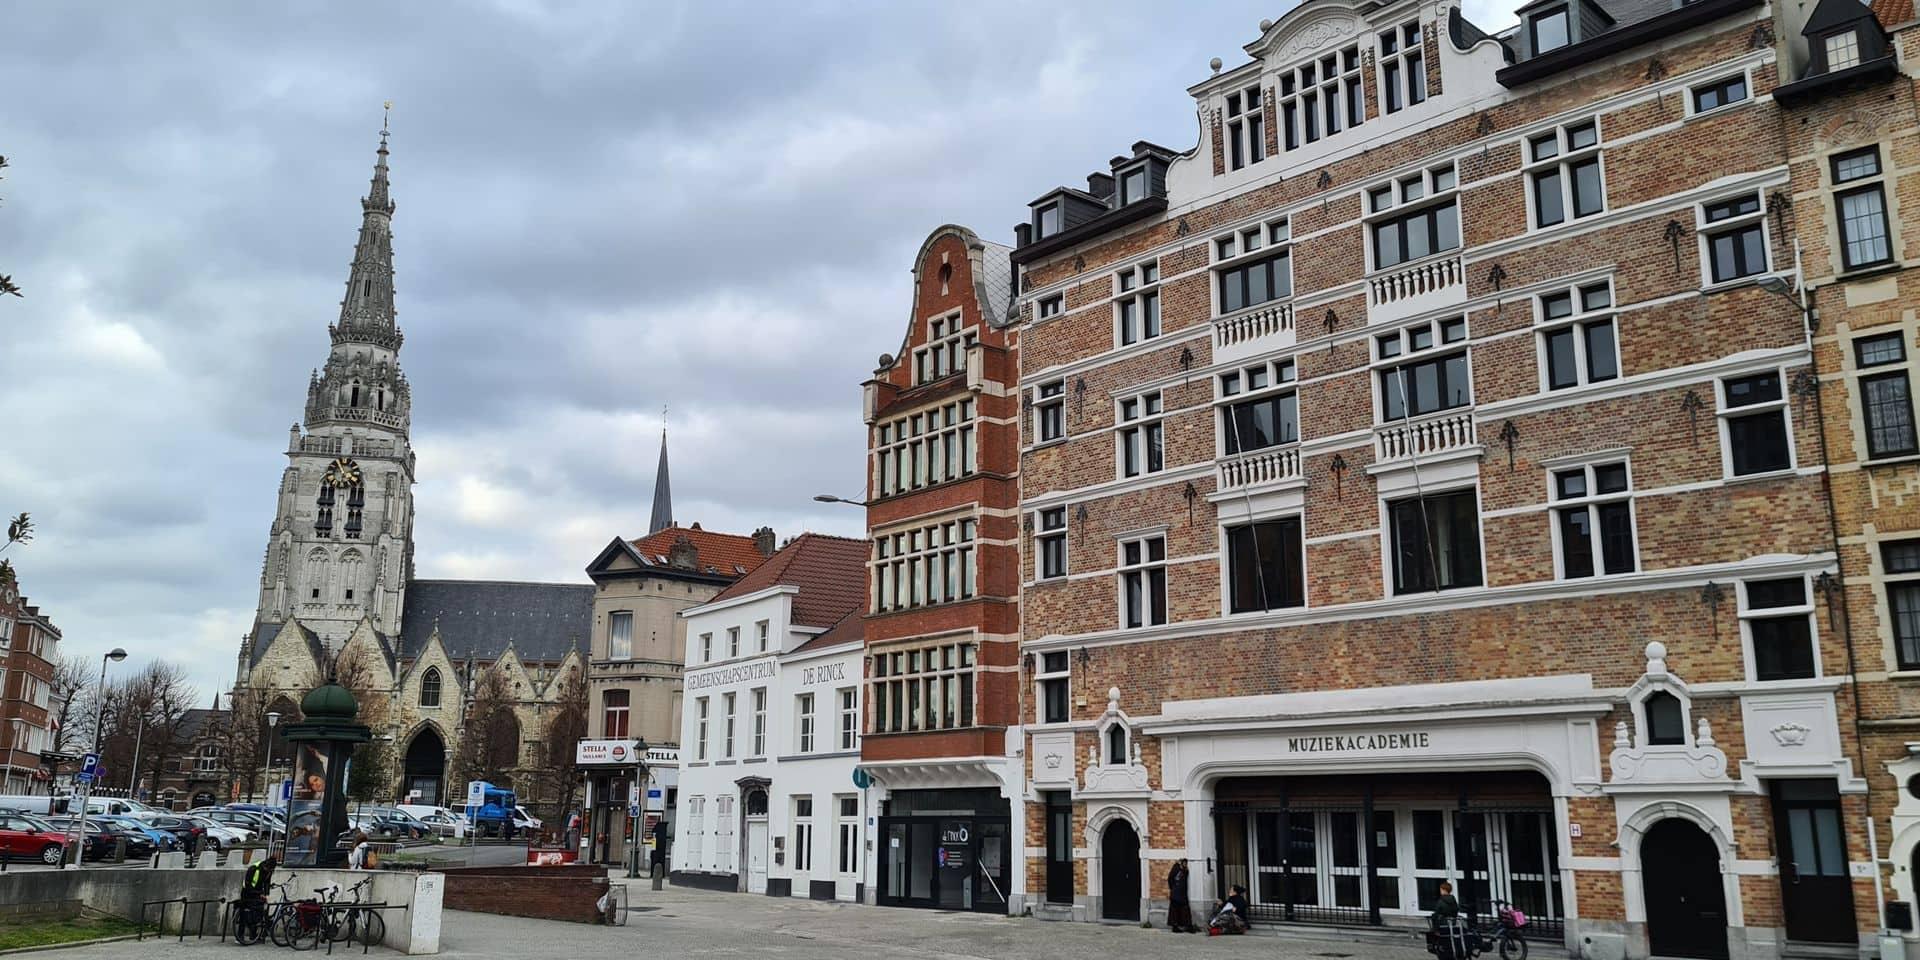 Le quartier de Saint-Guidon s'articule autour de la collégiale et de la place de la Vaillance.